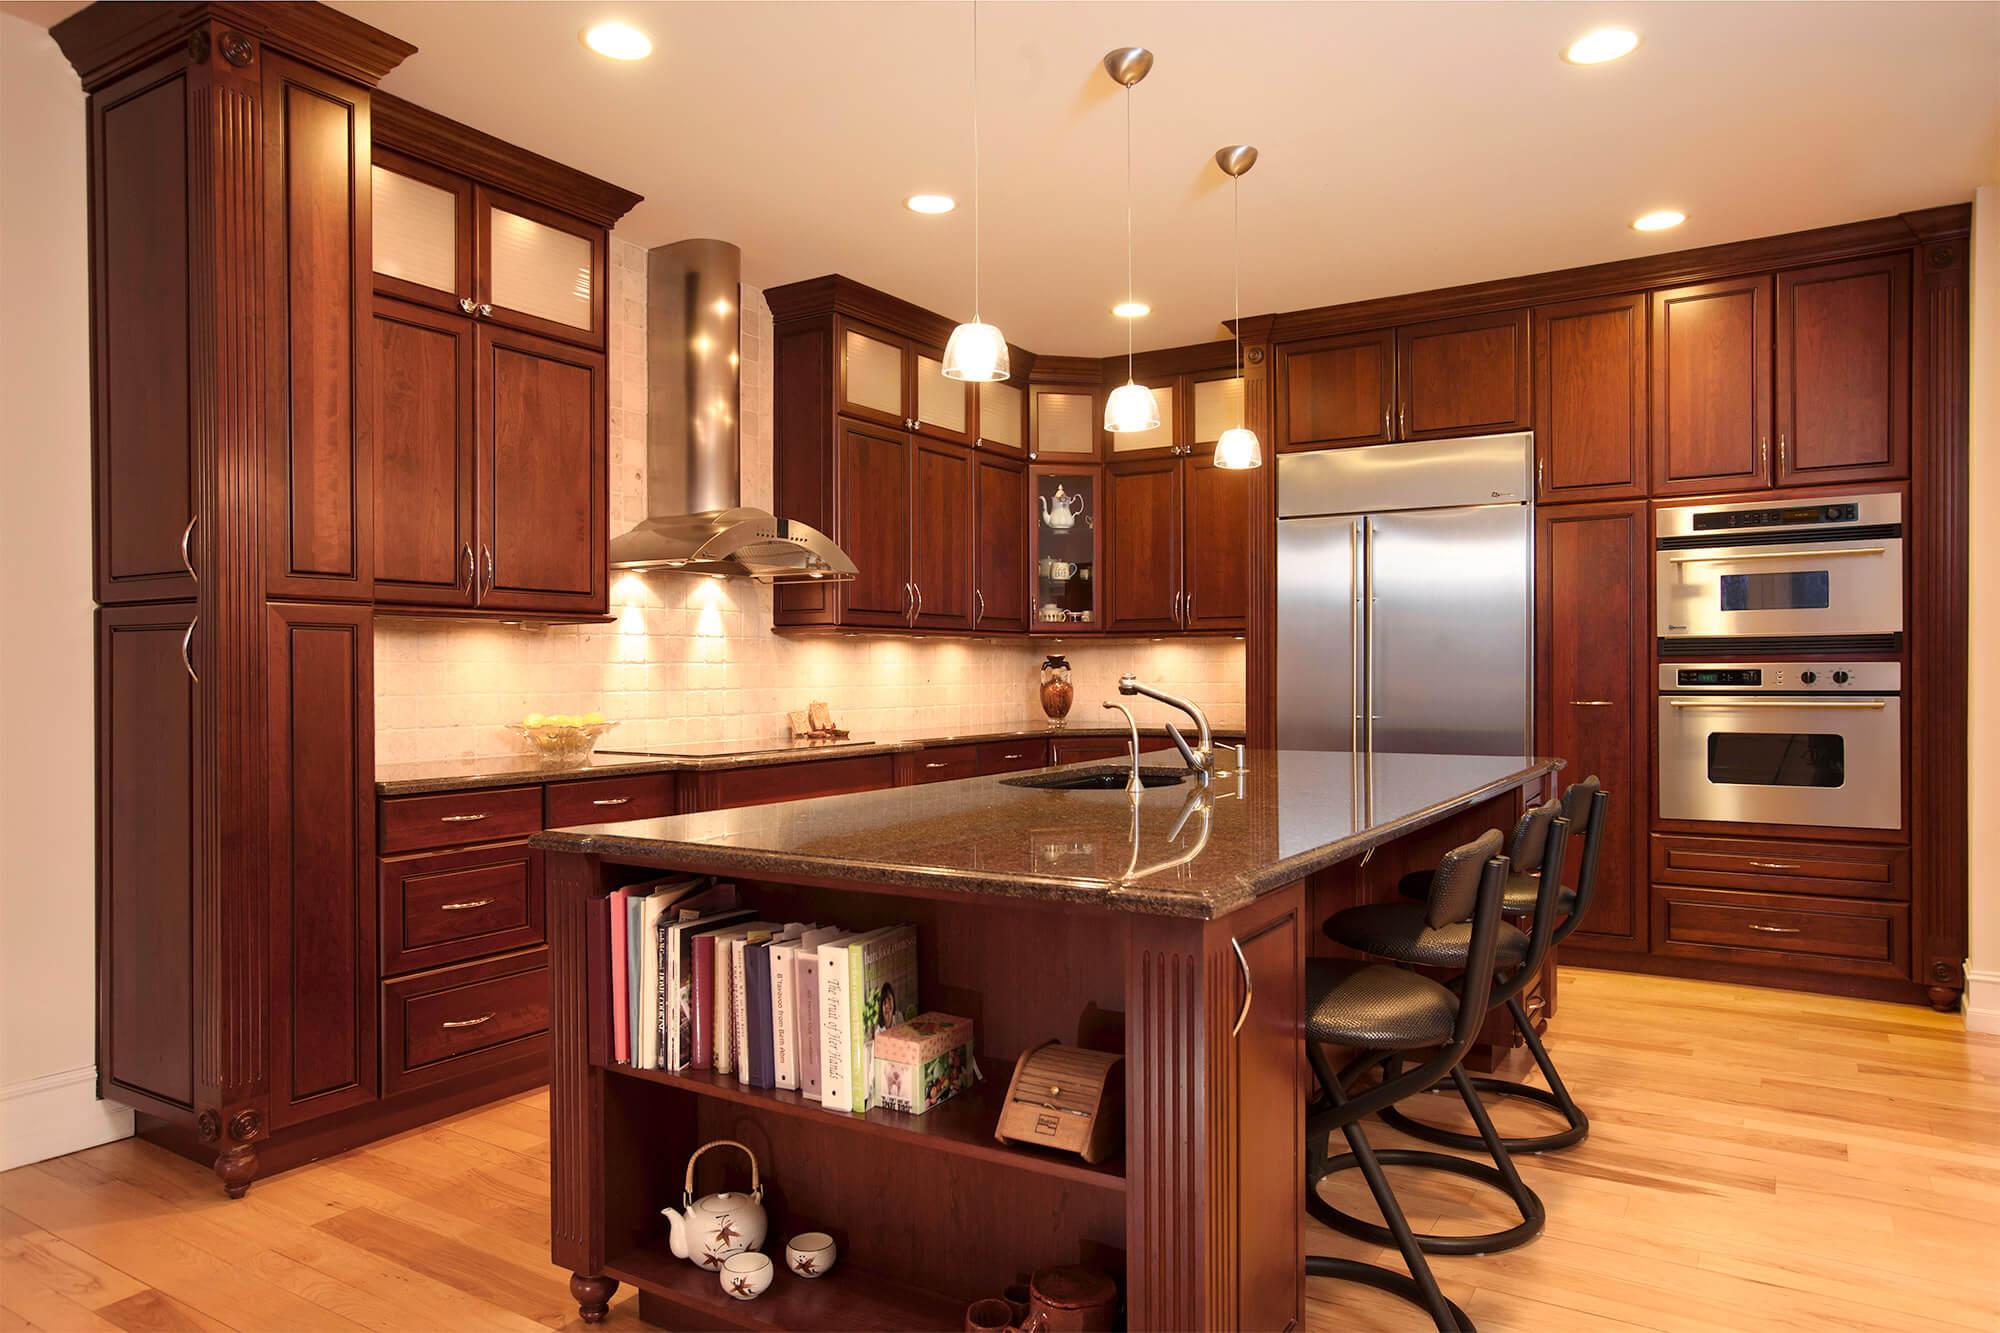 Kitchen Remodel Auburn Hills